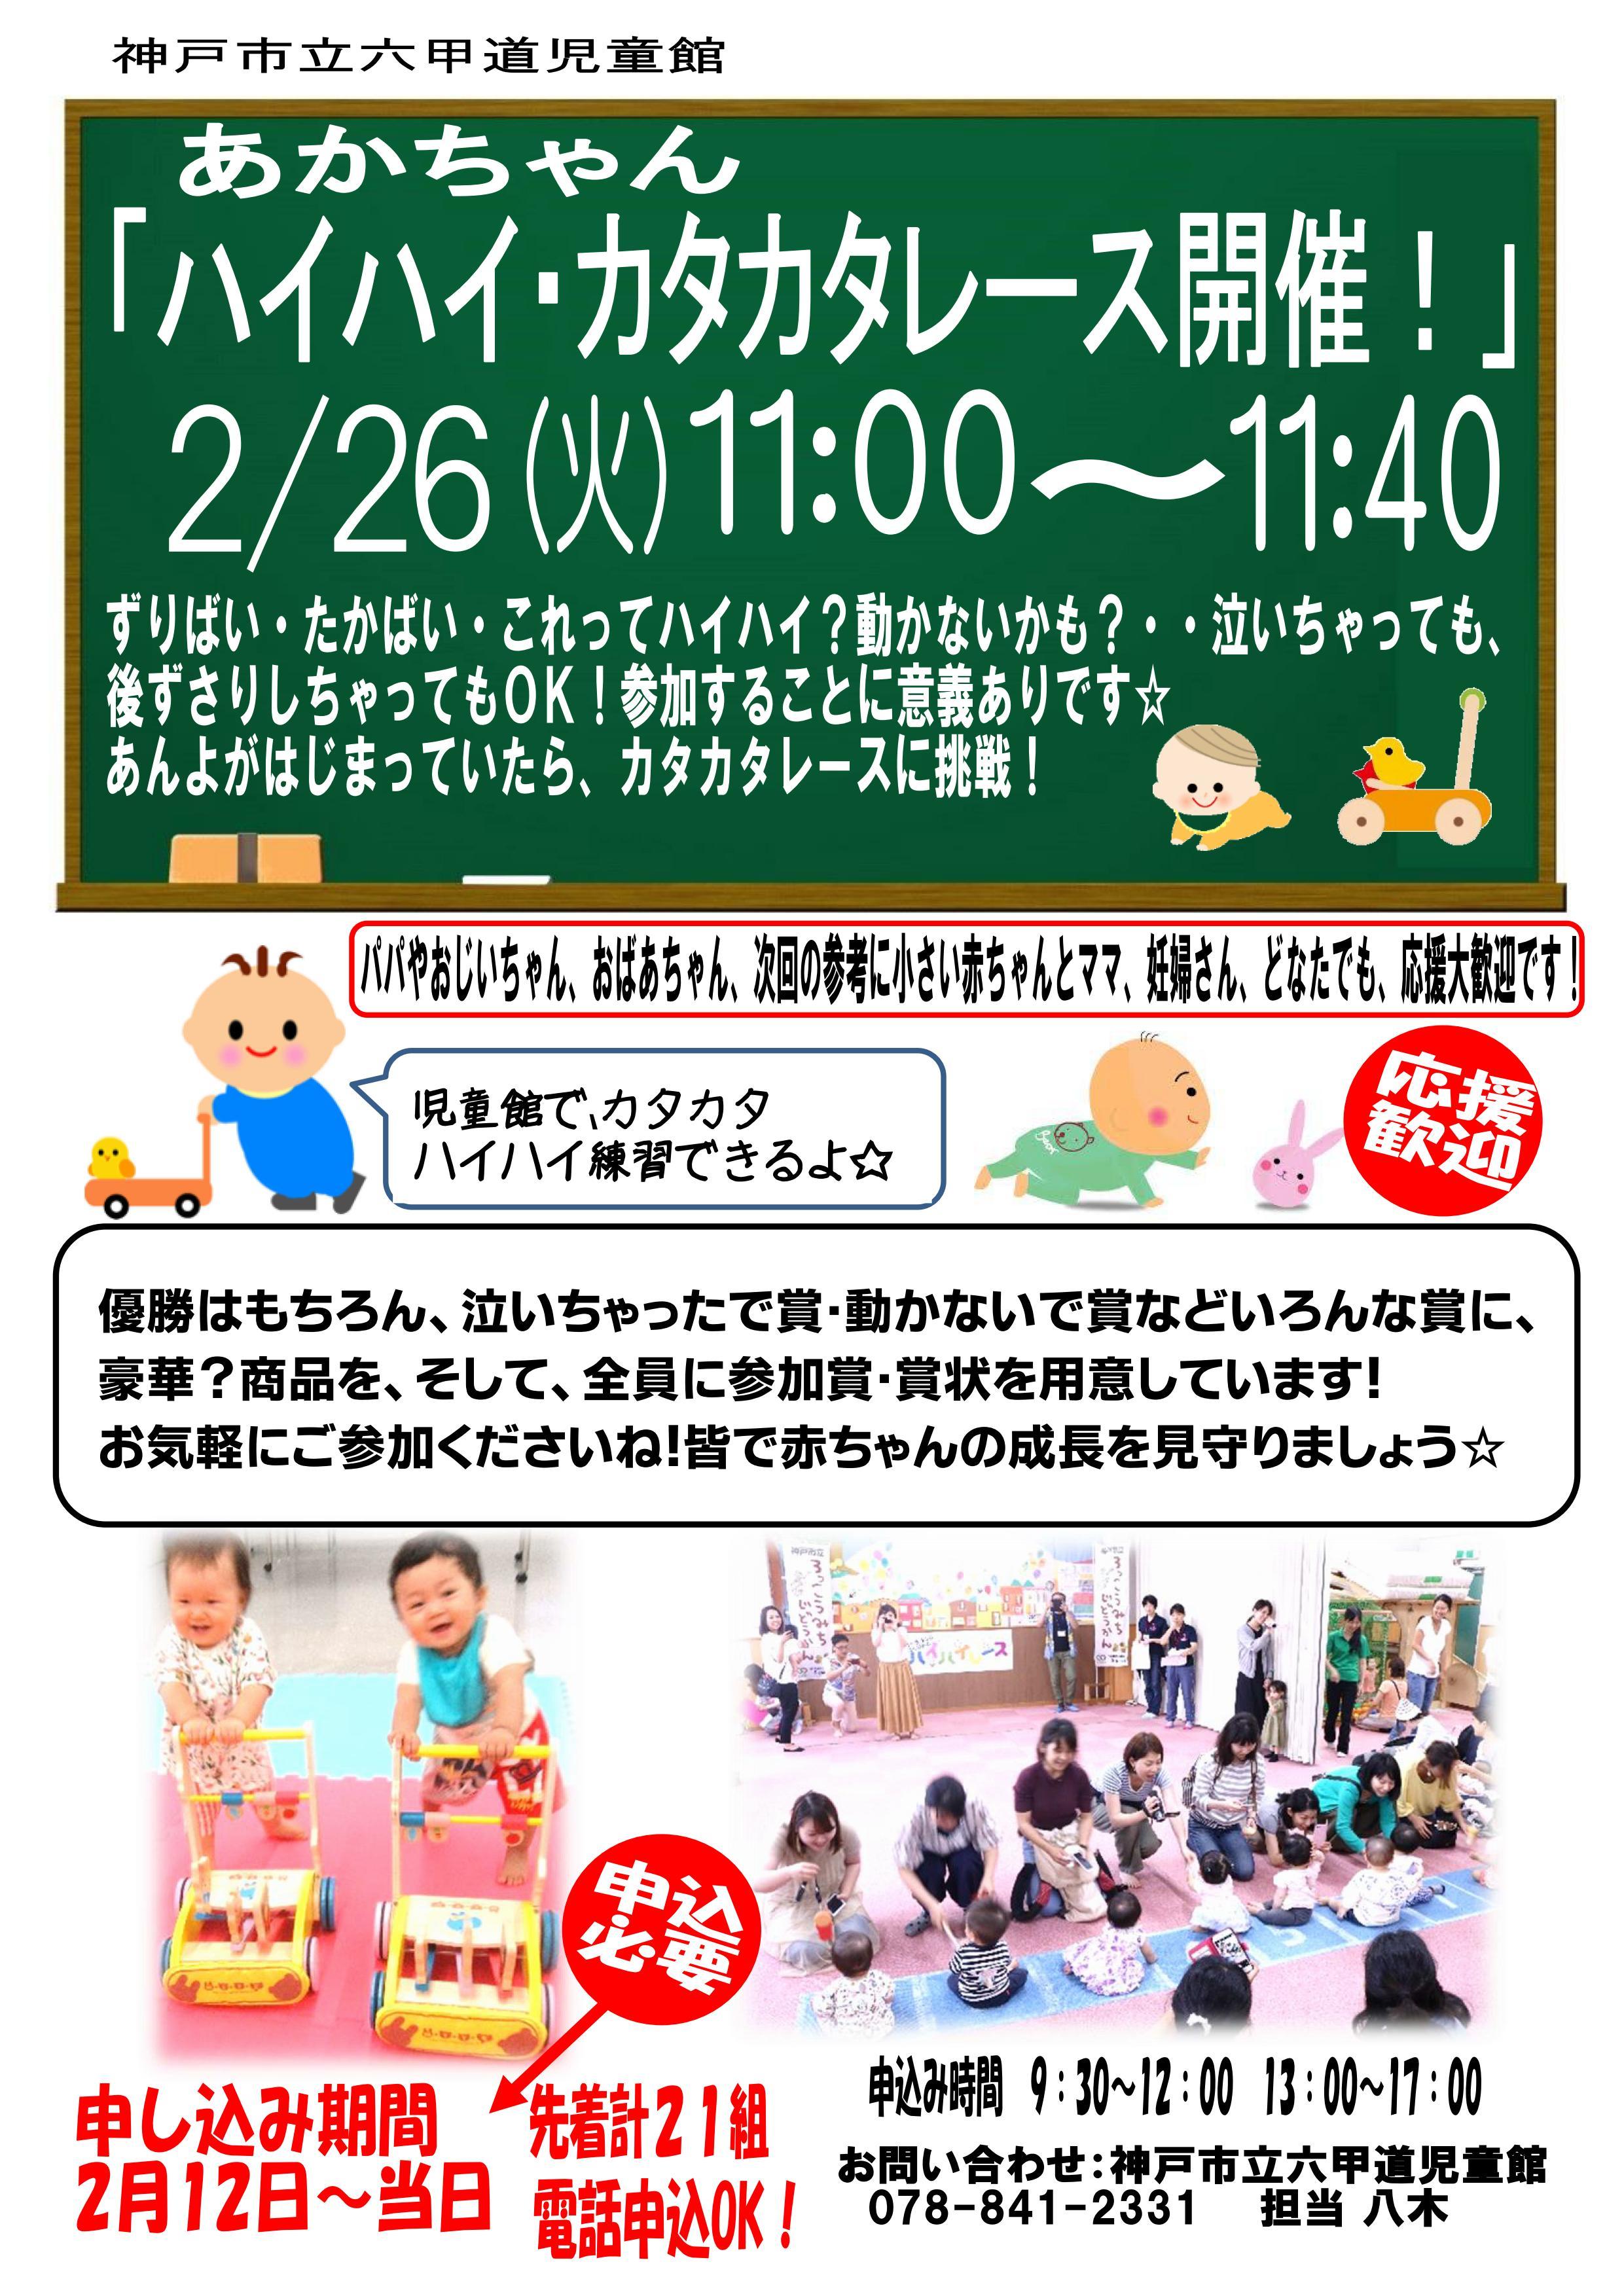 神戸市立六甲道児童館「赤ちゃんハイハイカタカタレース2月26日開催!」